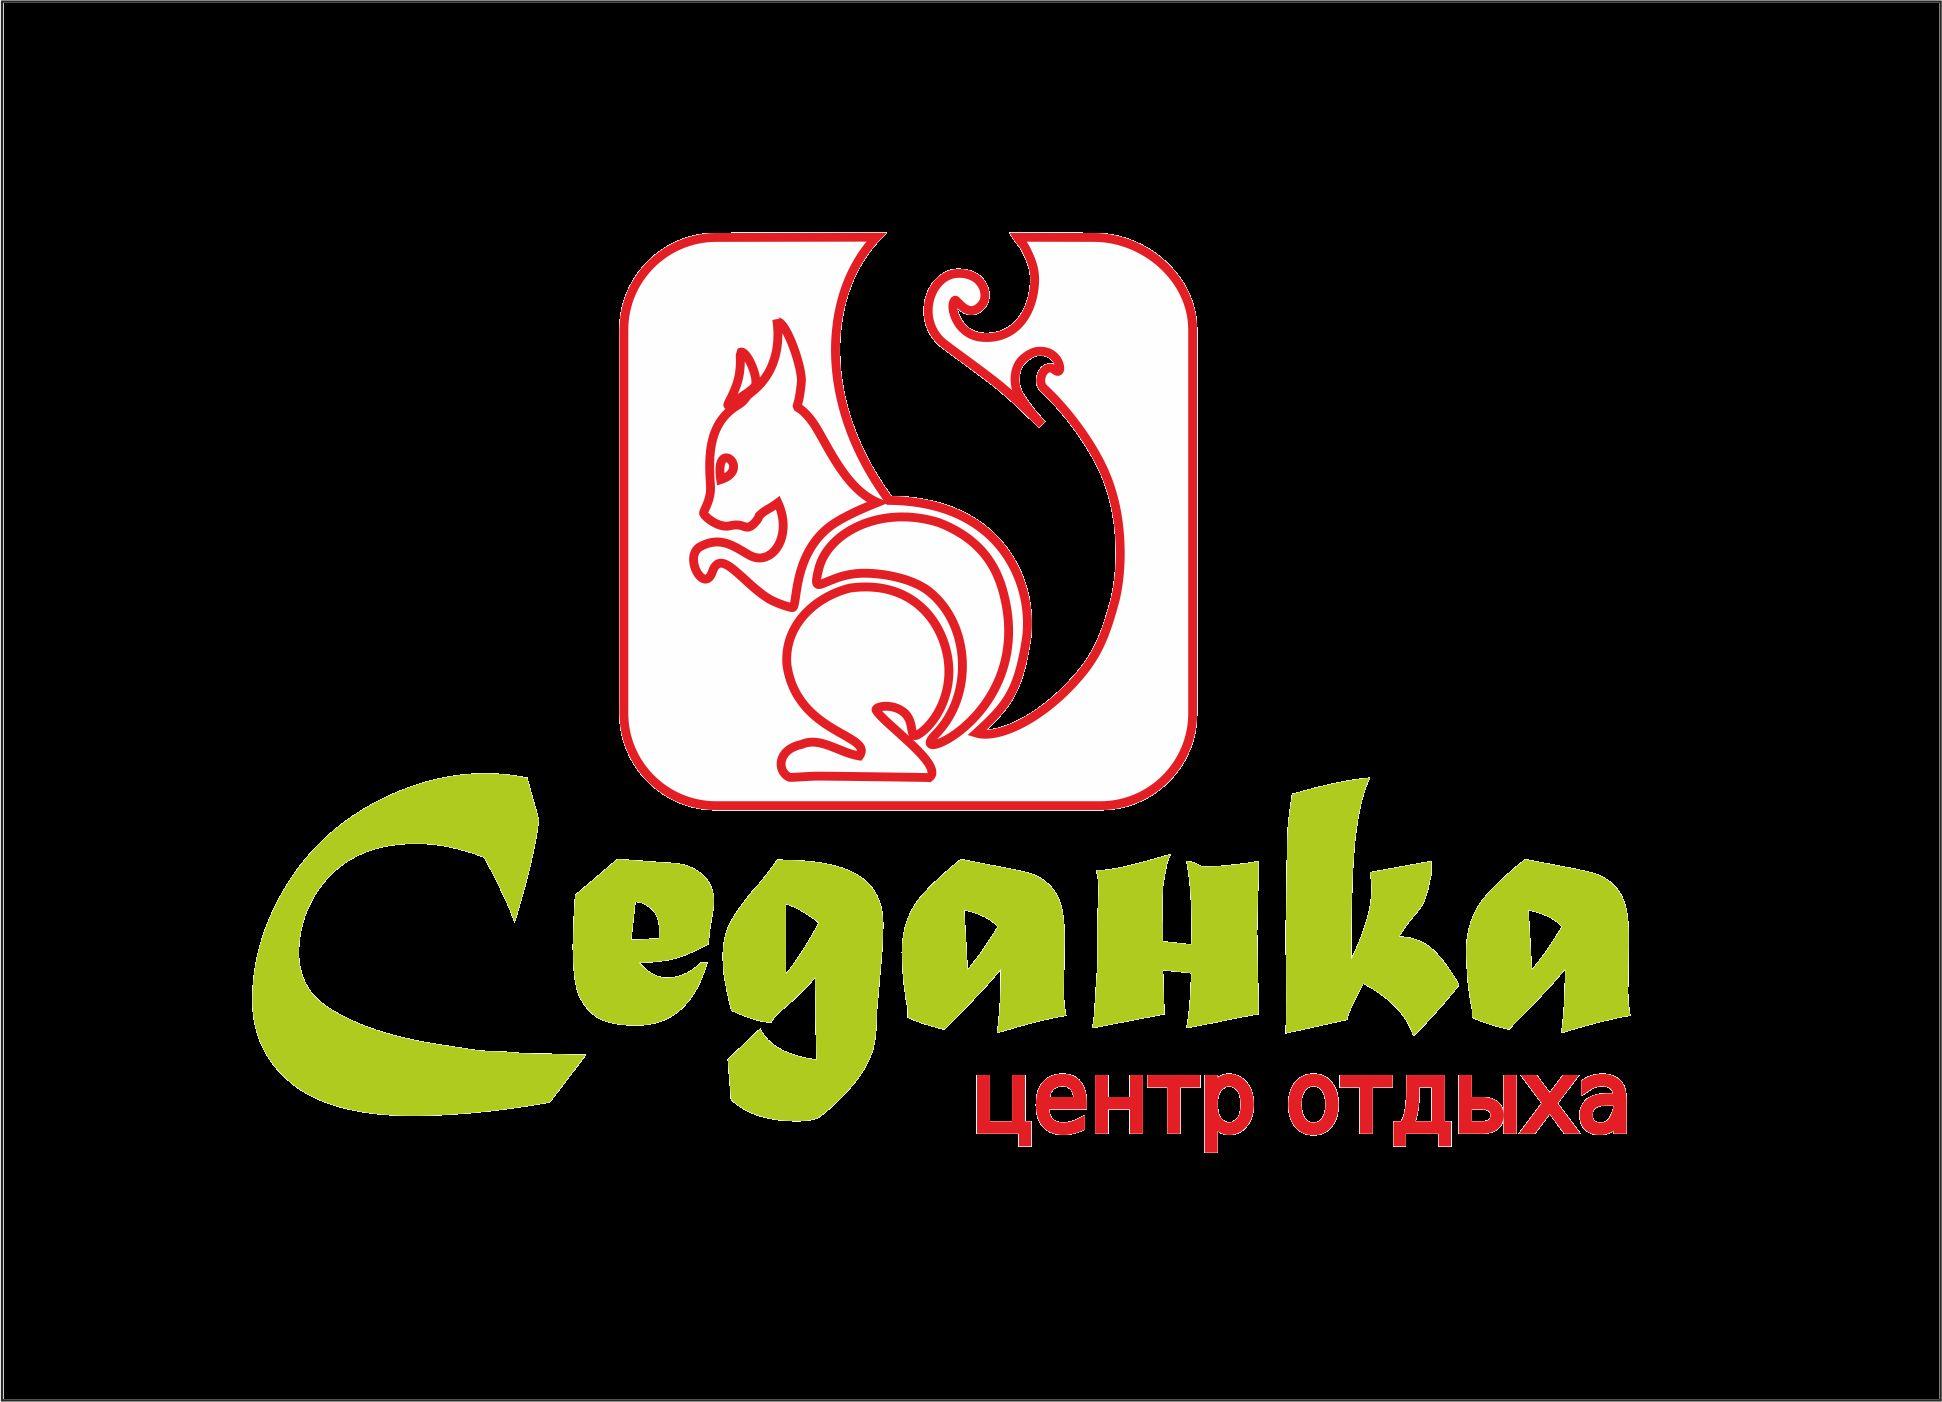 Логотип для центра отдыха - дизайнер prizma371